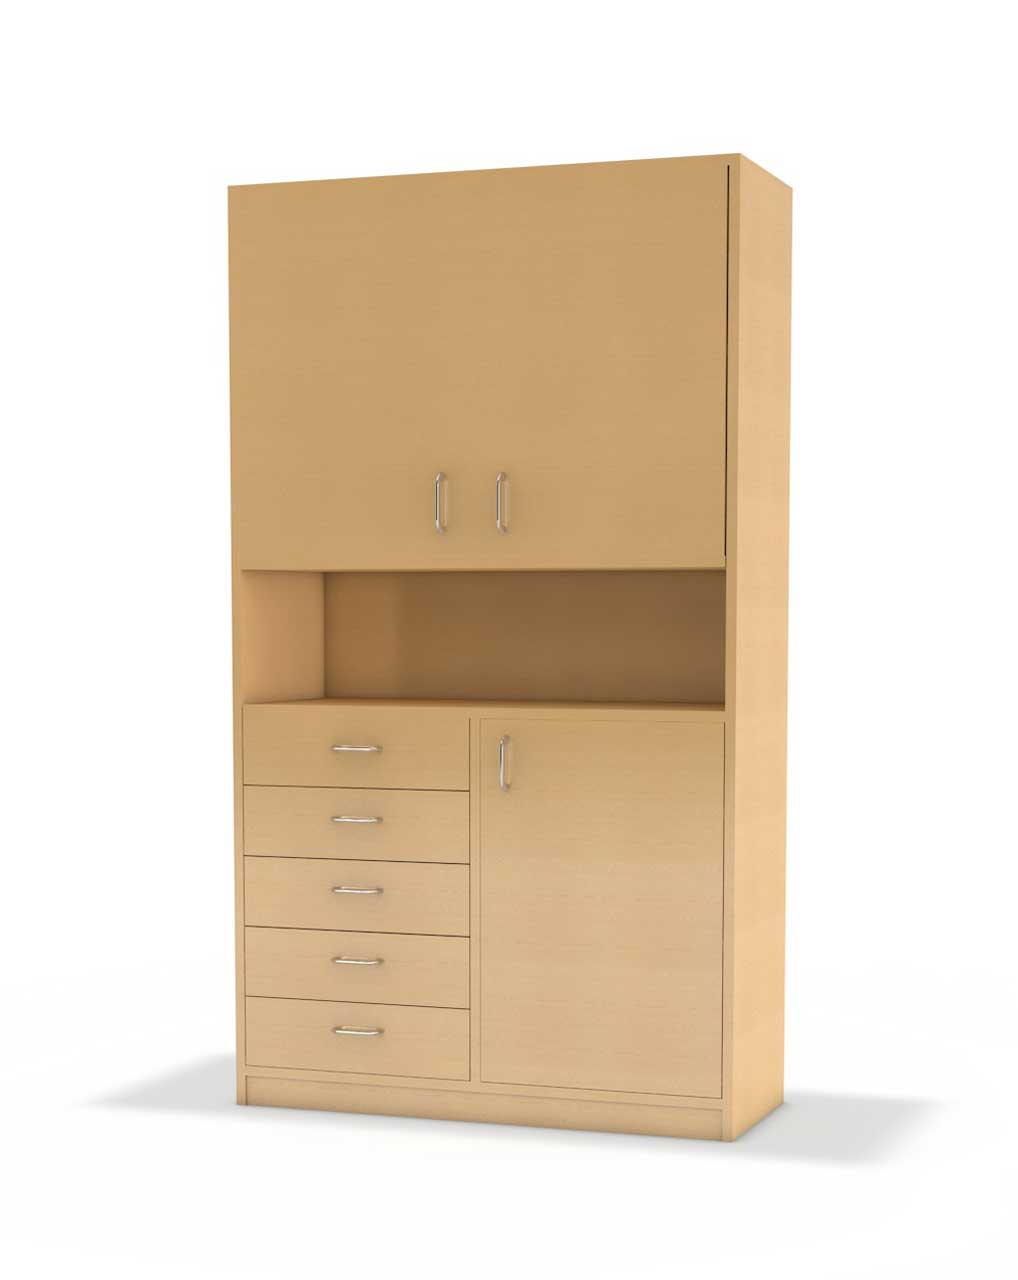 b ro hochschrank serie b nova unten mit 5 schubladen. Black Bedroom Furniture Sets. Home Design Ideas